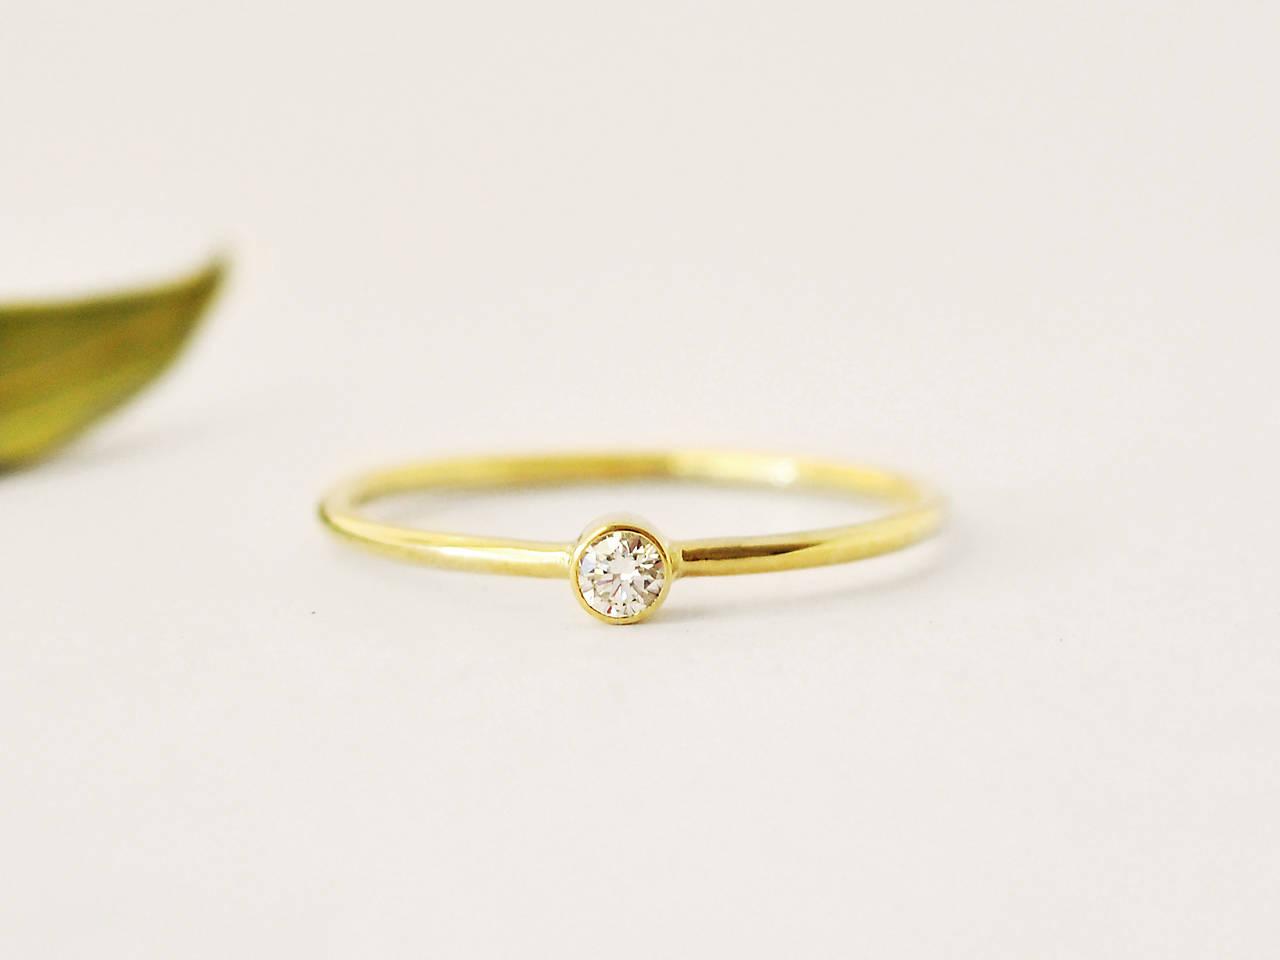 585/1000 zlatý zásnubný prsteň s prírodným diamantom 2,6mm